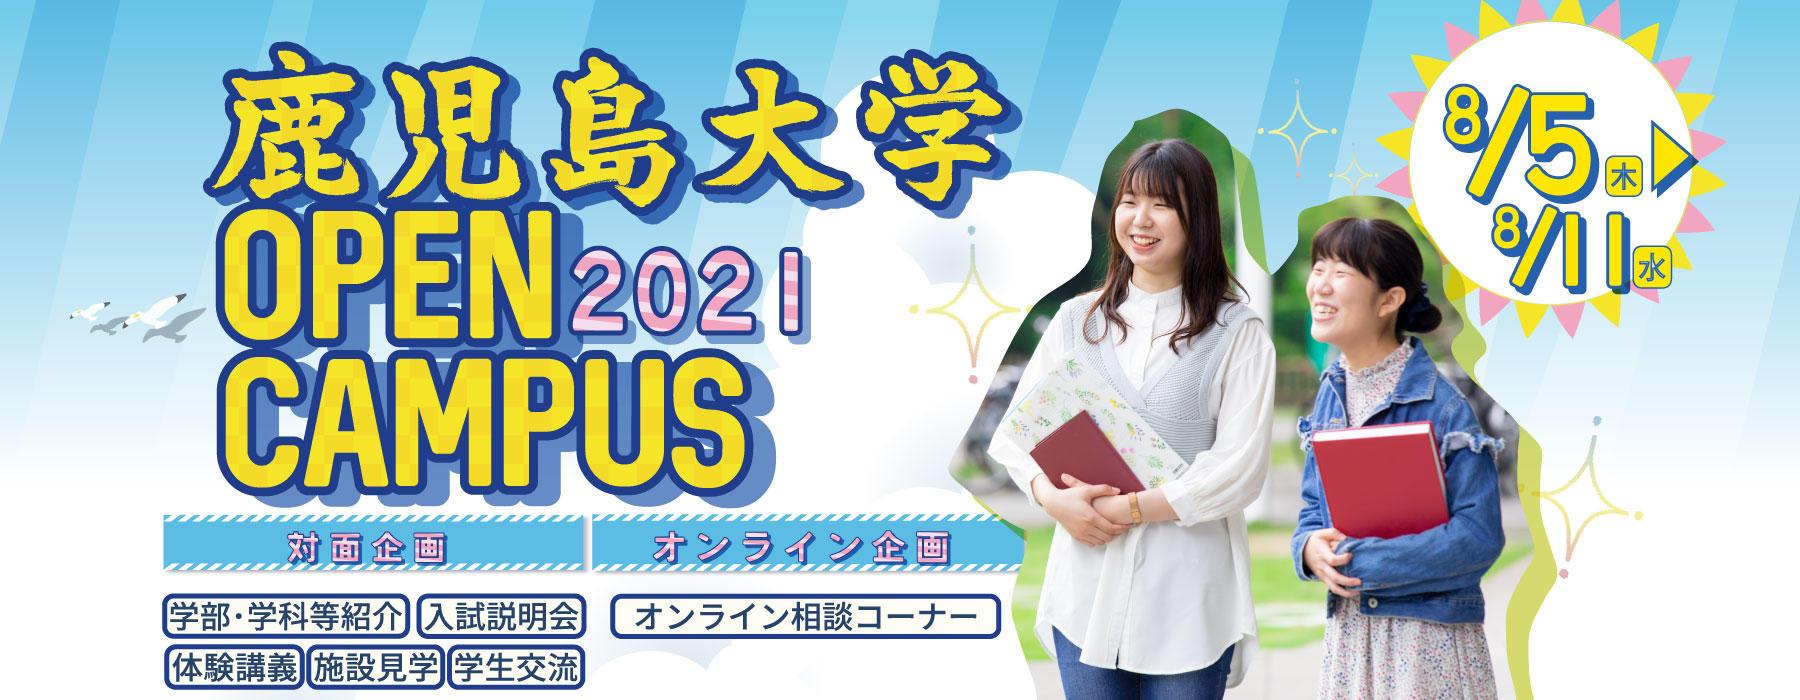 topslide01-z-20210716.jpg